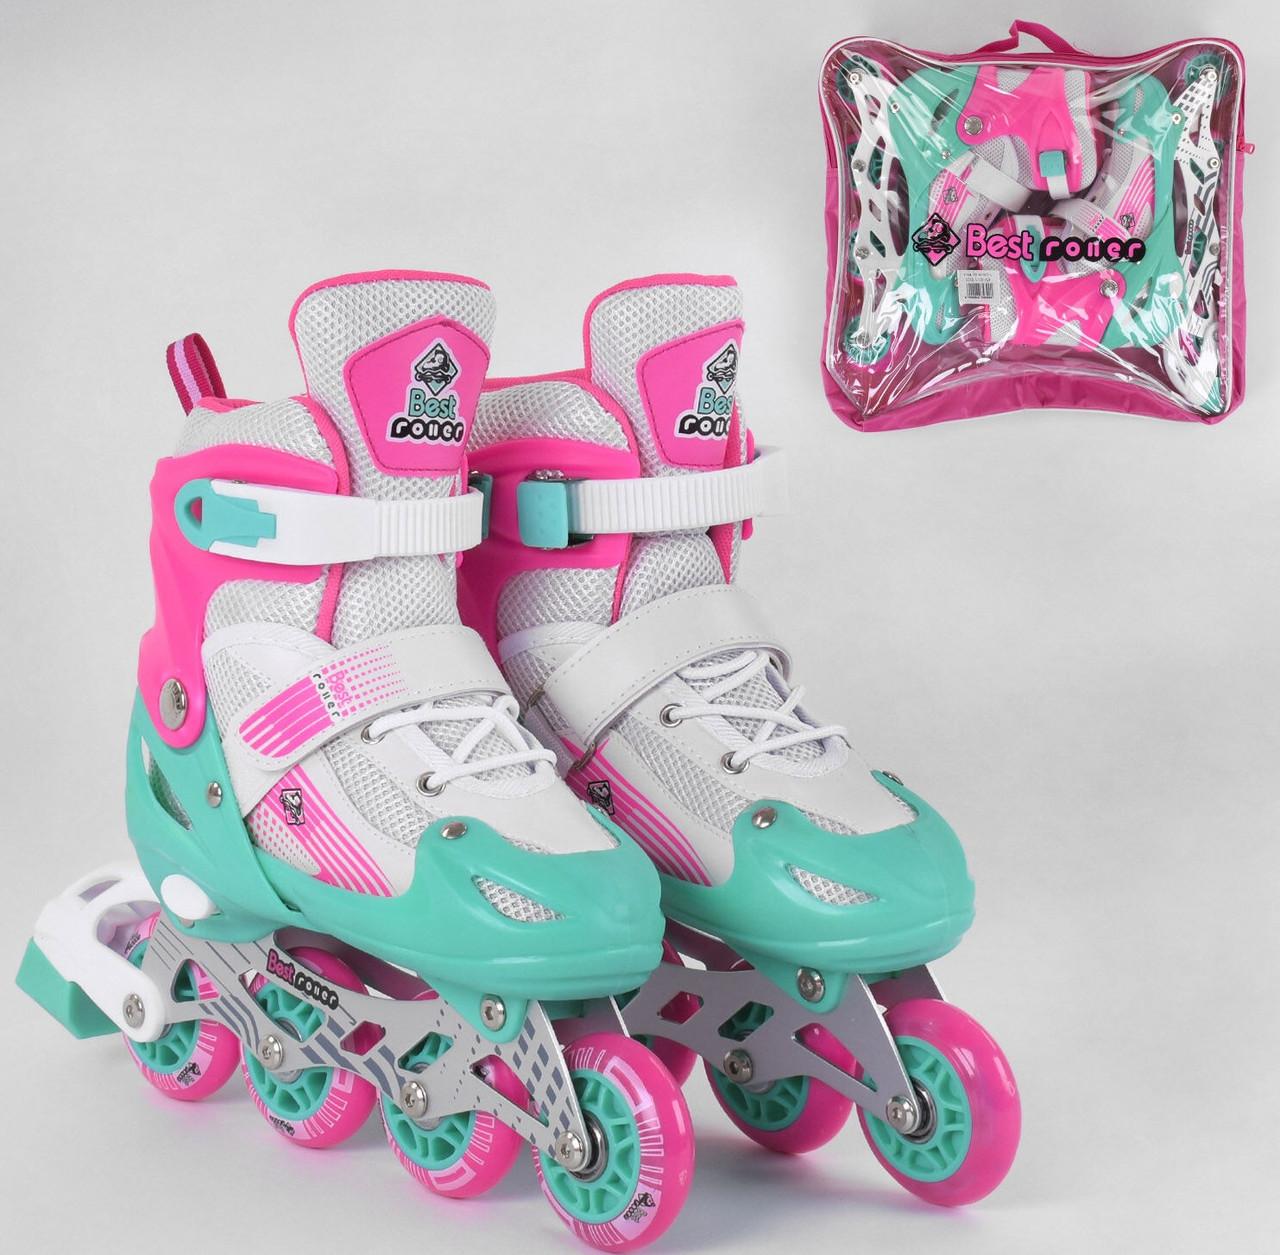 Детские ролики 80065-М Best Roller р.34-37, колёса PVC, свет переднего колеса, d колёс7 см роликовые коньки